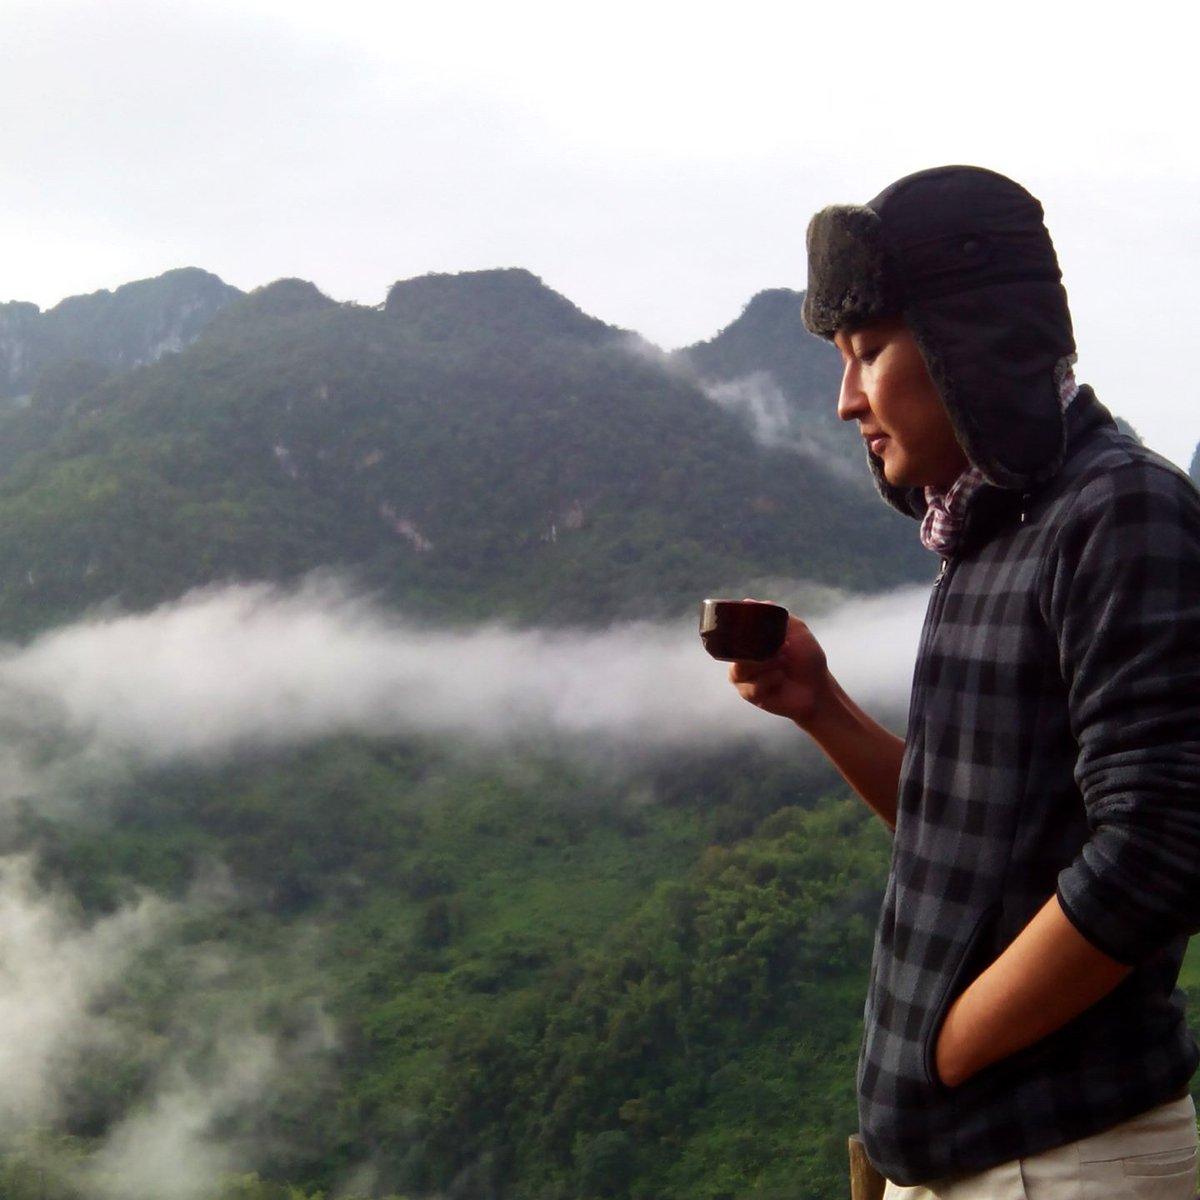 #เชียงใหม่ : สายหมอก และ ทิวเขา  อ.เชียงดาว จ.เชียงใหม่  ~ ชอบเชียงใหม่ ตอนเขียวๆ #savechiangmai #saveเชียงใหม่  #เที่ยวไทยเท่ #Amazingไทยเท่ #เมืองไทยสวยทุกที่เท่ทุกสไตล์  #AmazingThailand #ReviewThailand  @Review_Thailand @go2Thailandpic.twitter.com/3ax2gI4o1J